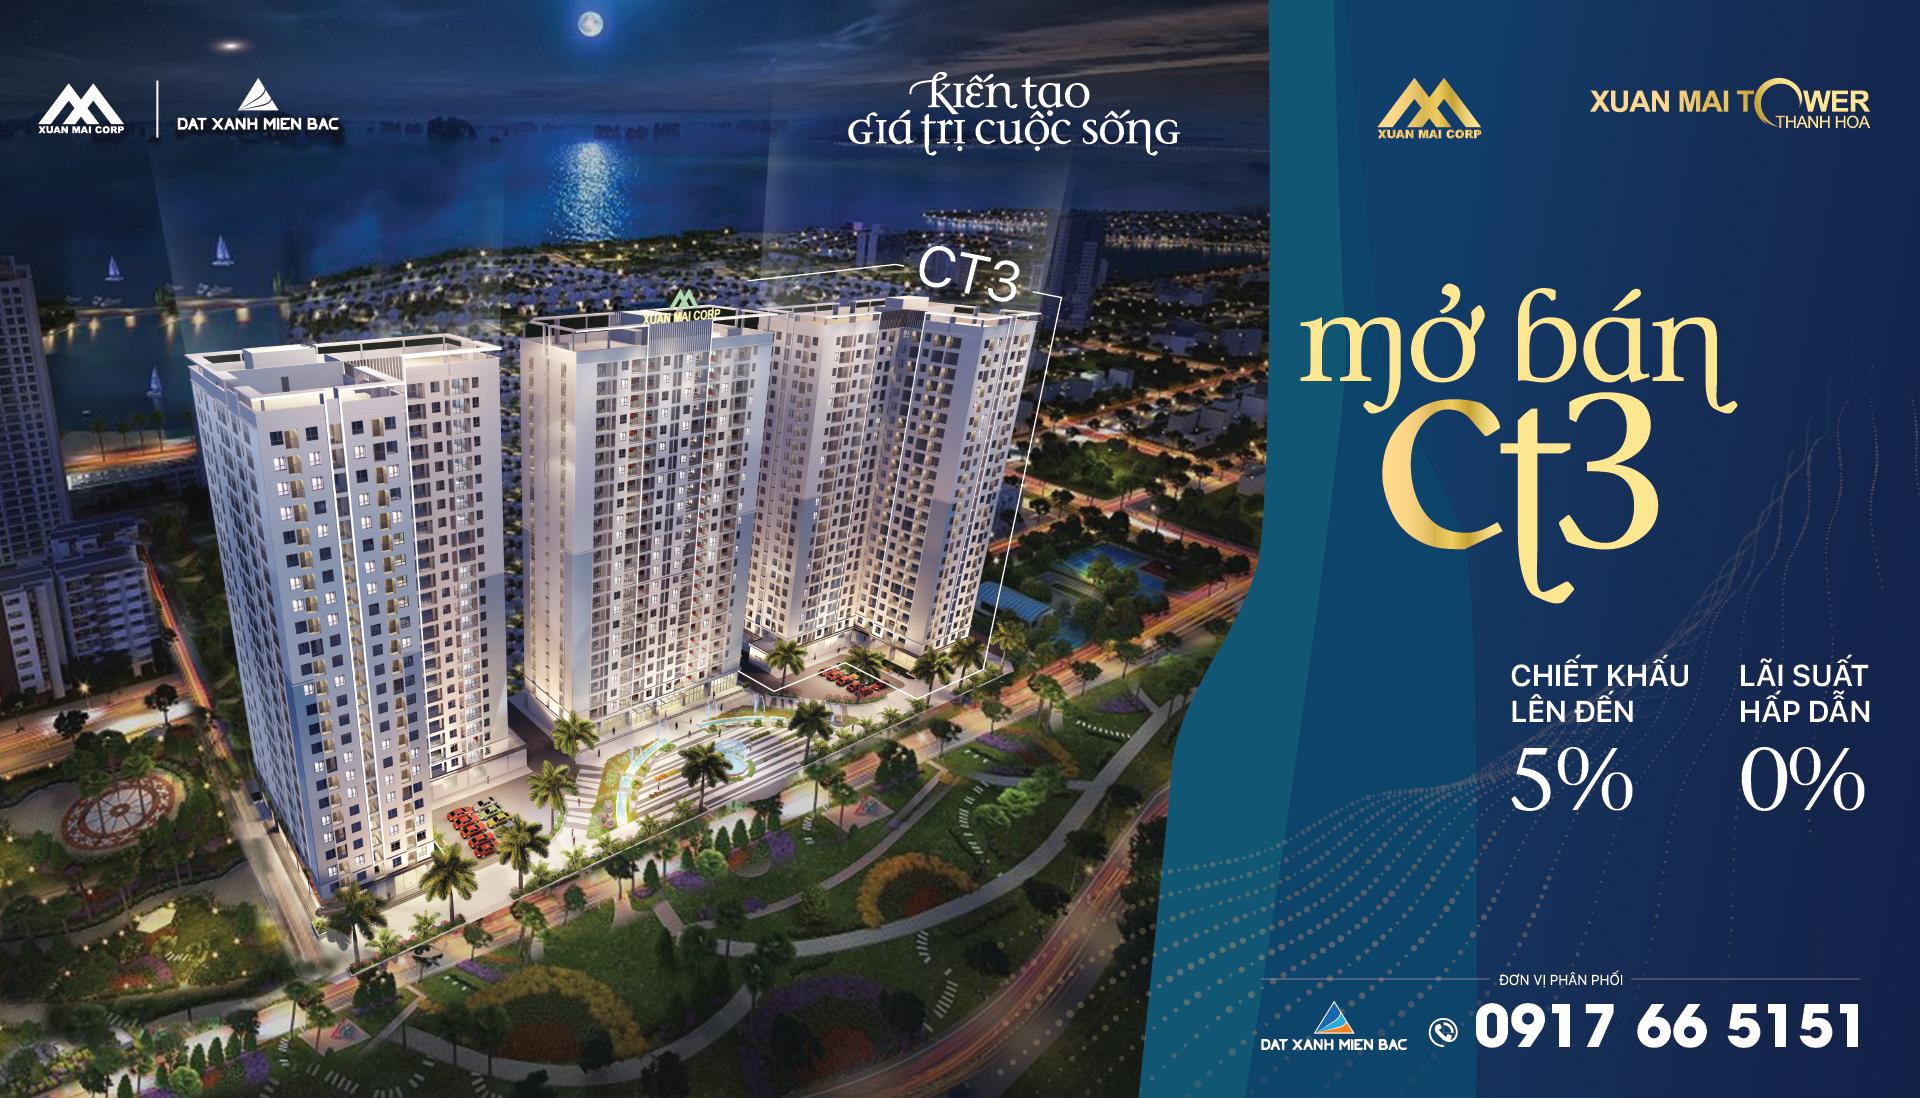 Ra mắt tòa CT3 - Cơ hội cuối cùng sở hữu căn hộ tại tổ hợp chung cư Xuân Mai Tower